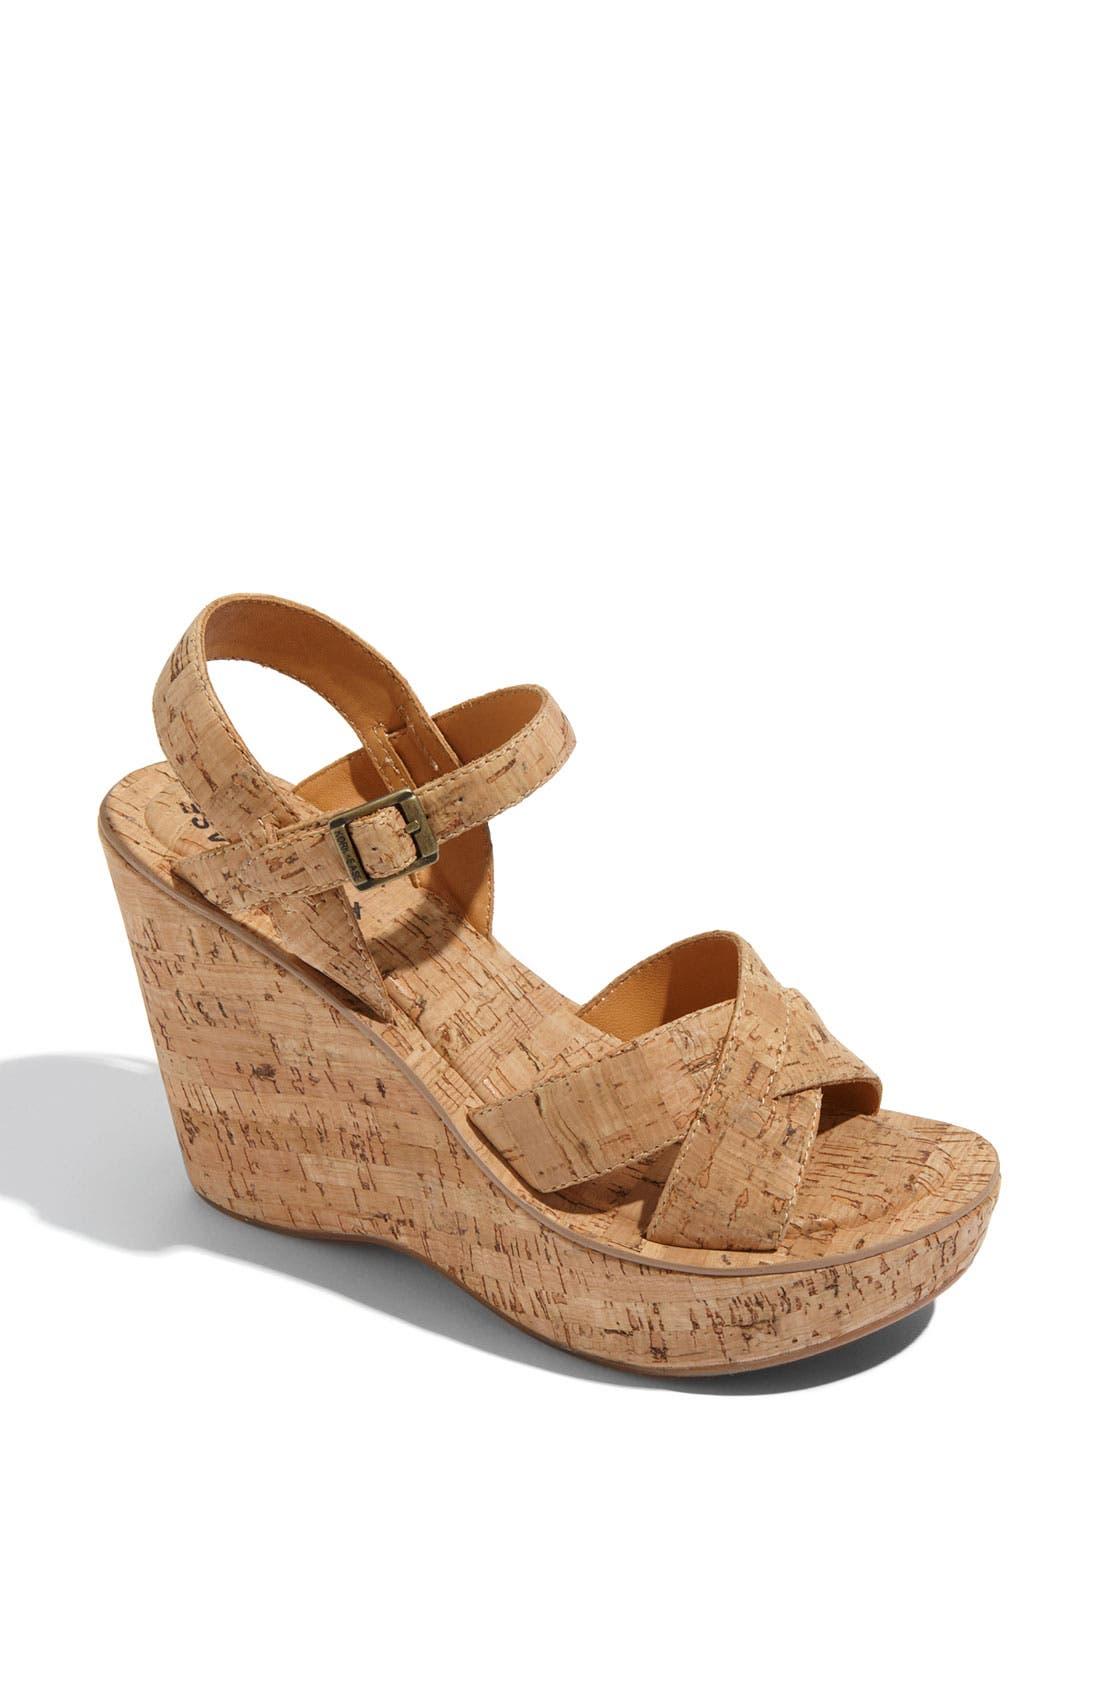 Alternate Image 1 Selected - Kork-Ease 'Bette' Wedge Sandal